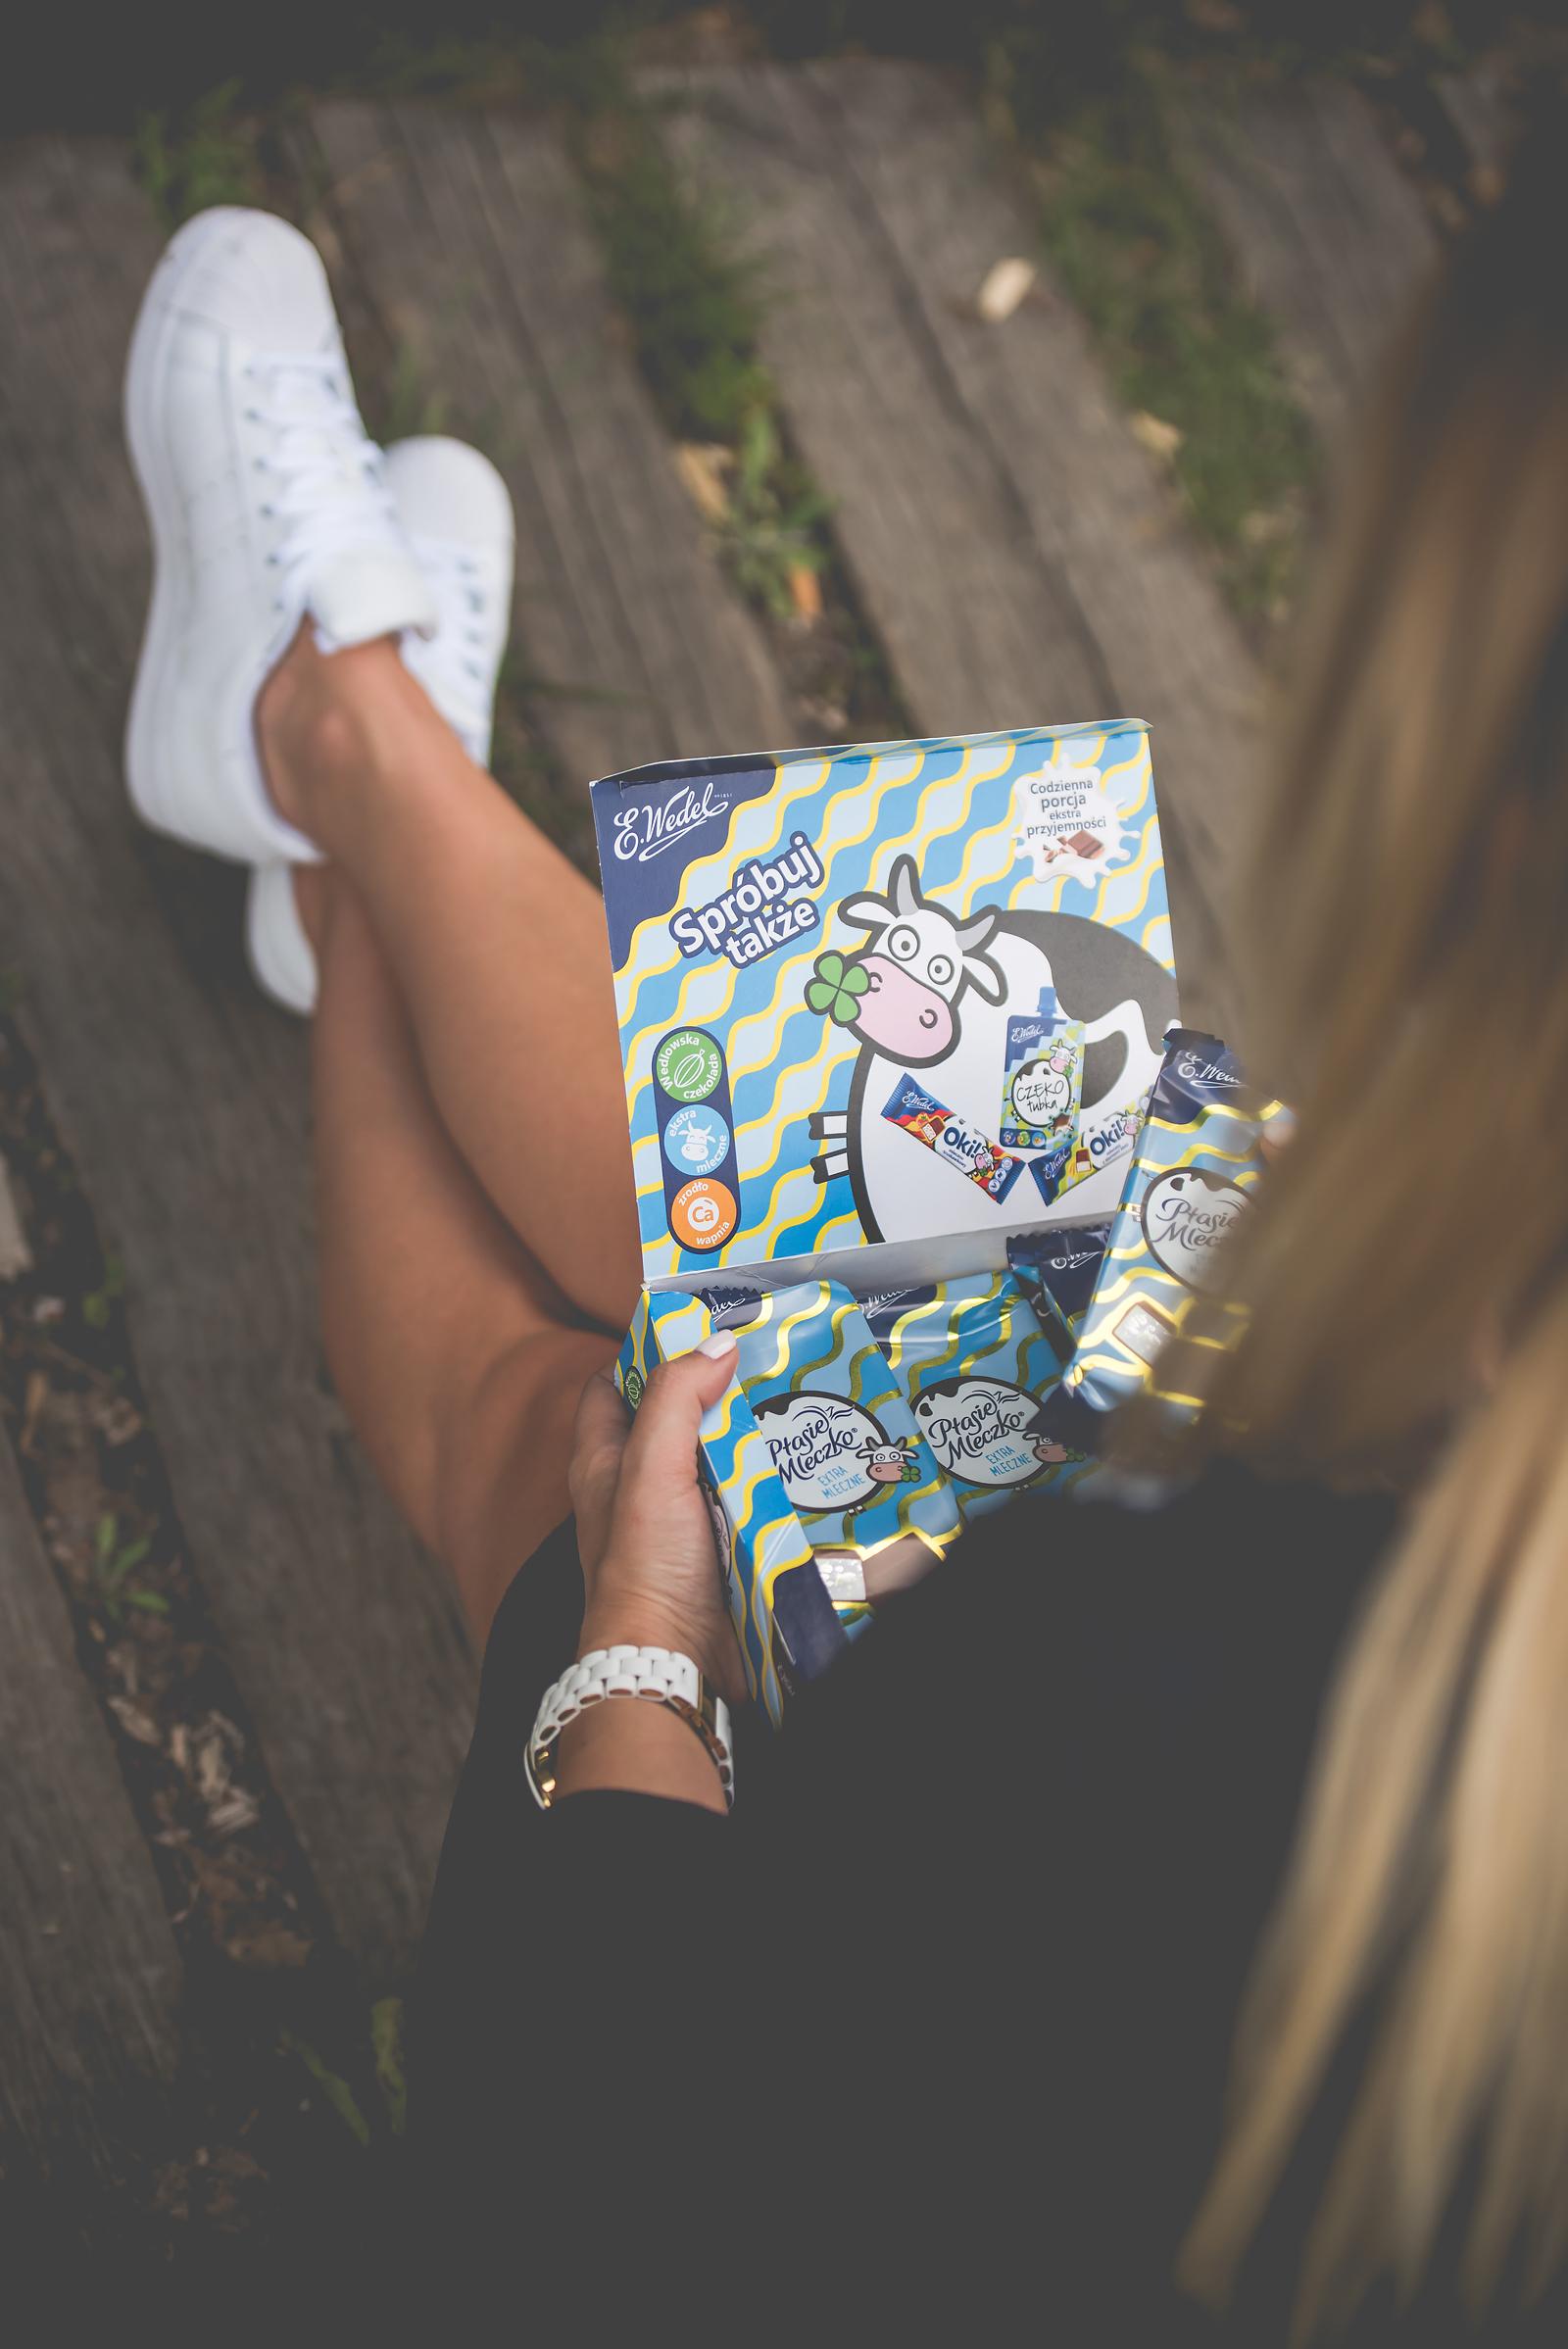 Blog Modowy Wedel Las Brodnowski Zalando Sukienka Boho GAP Adidas Superstar Blogerka Modowa00047